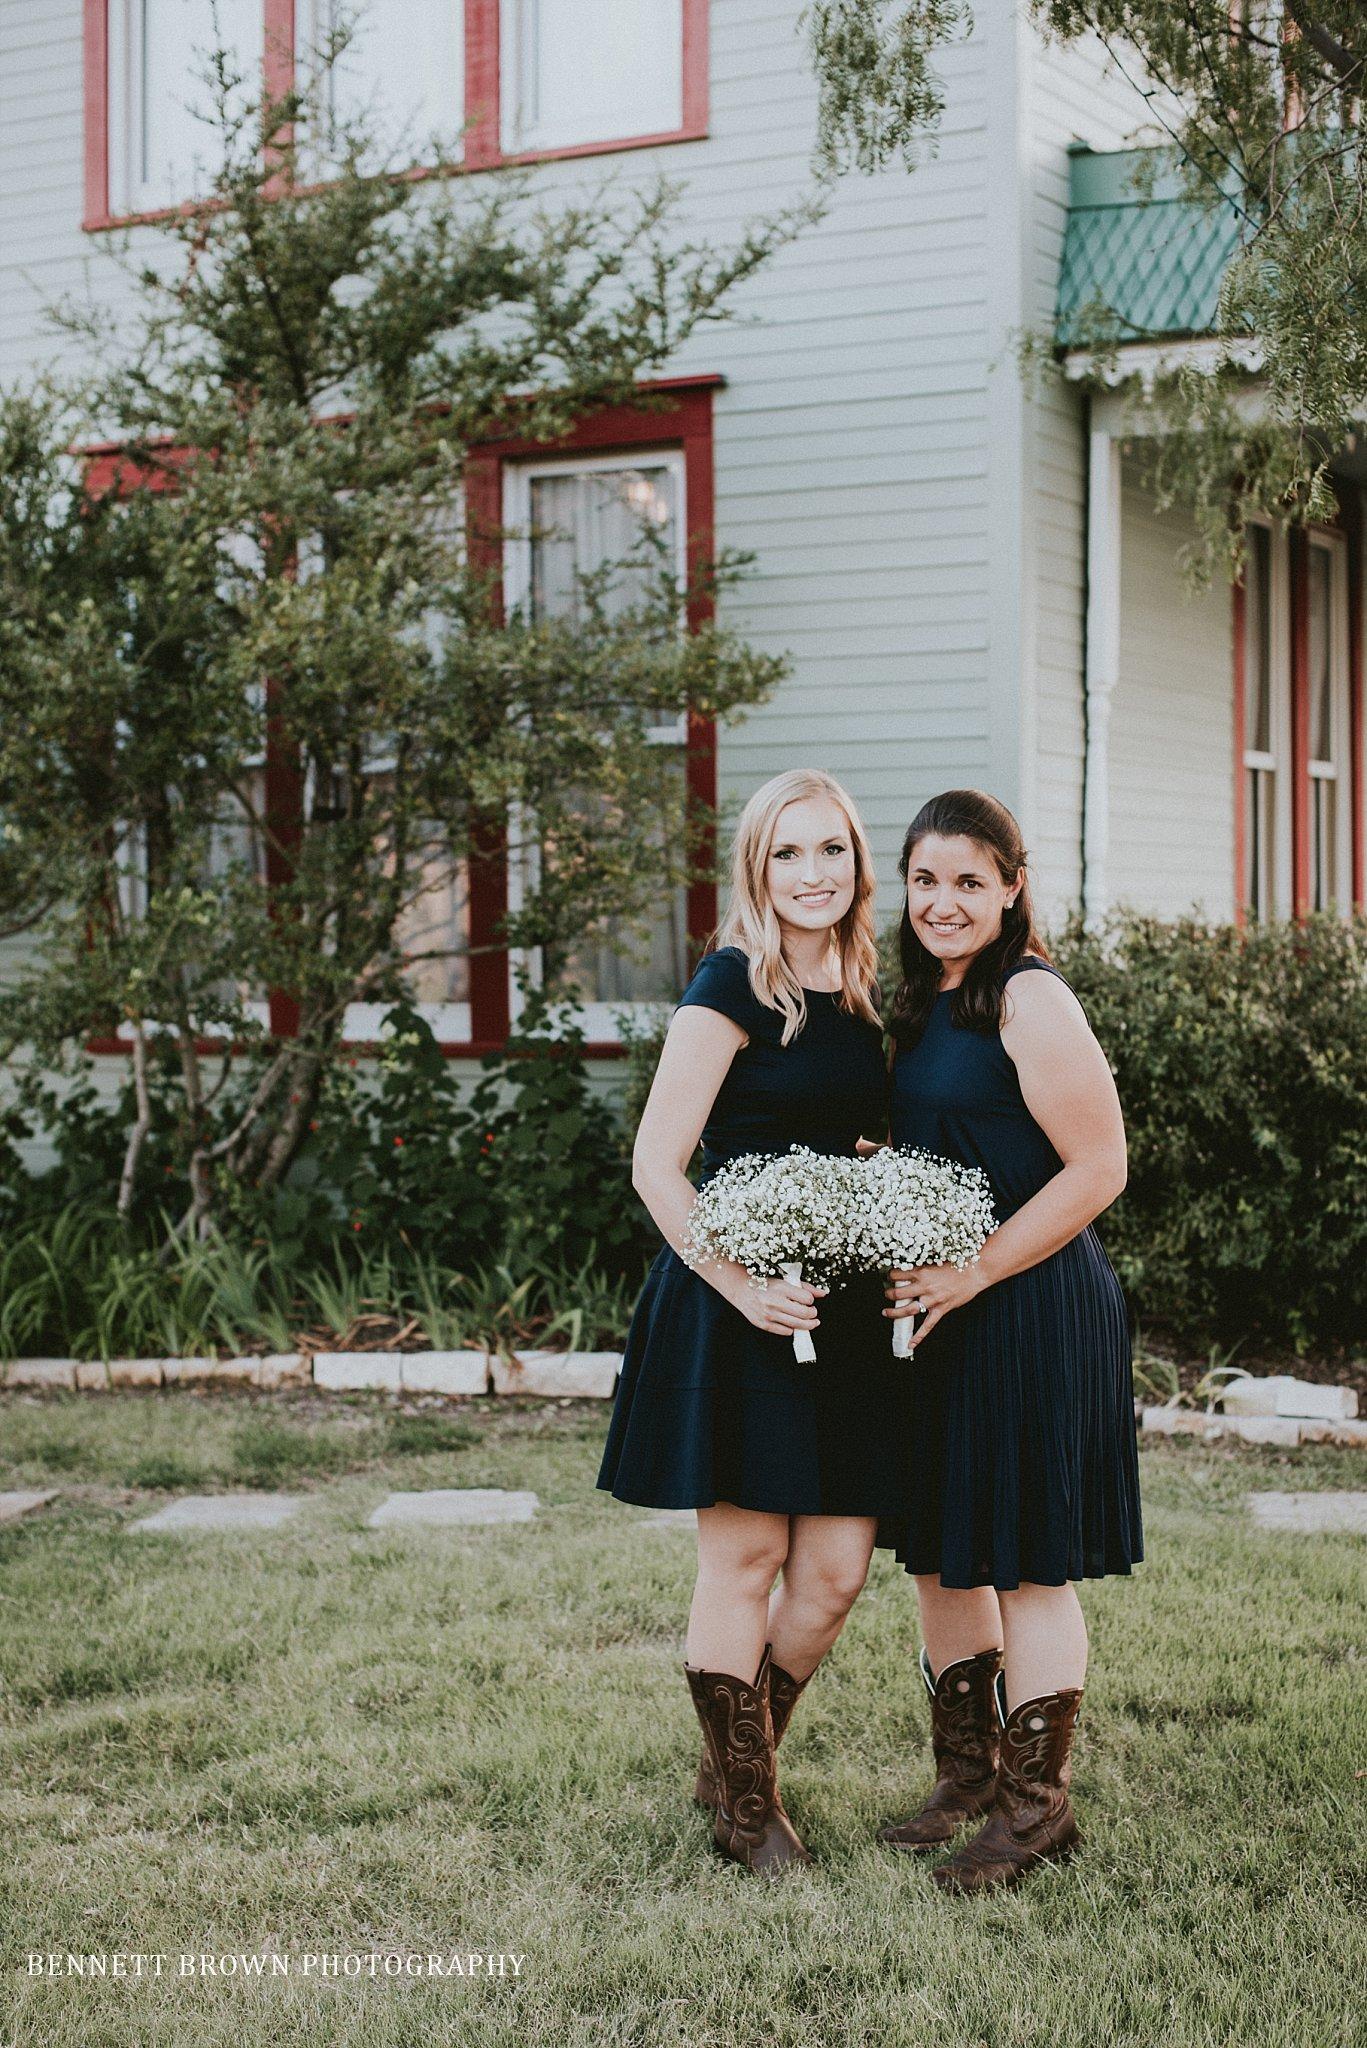 Bennnett Brown Photography Bridesmaids bouquet